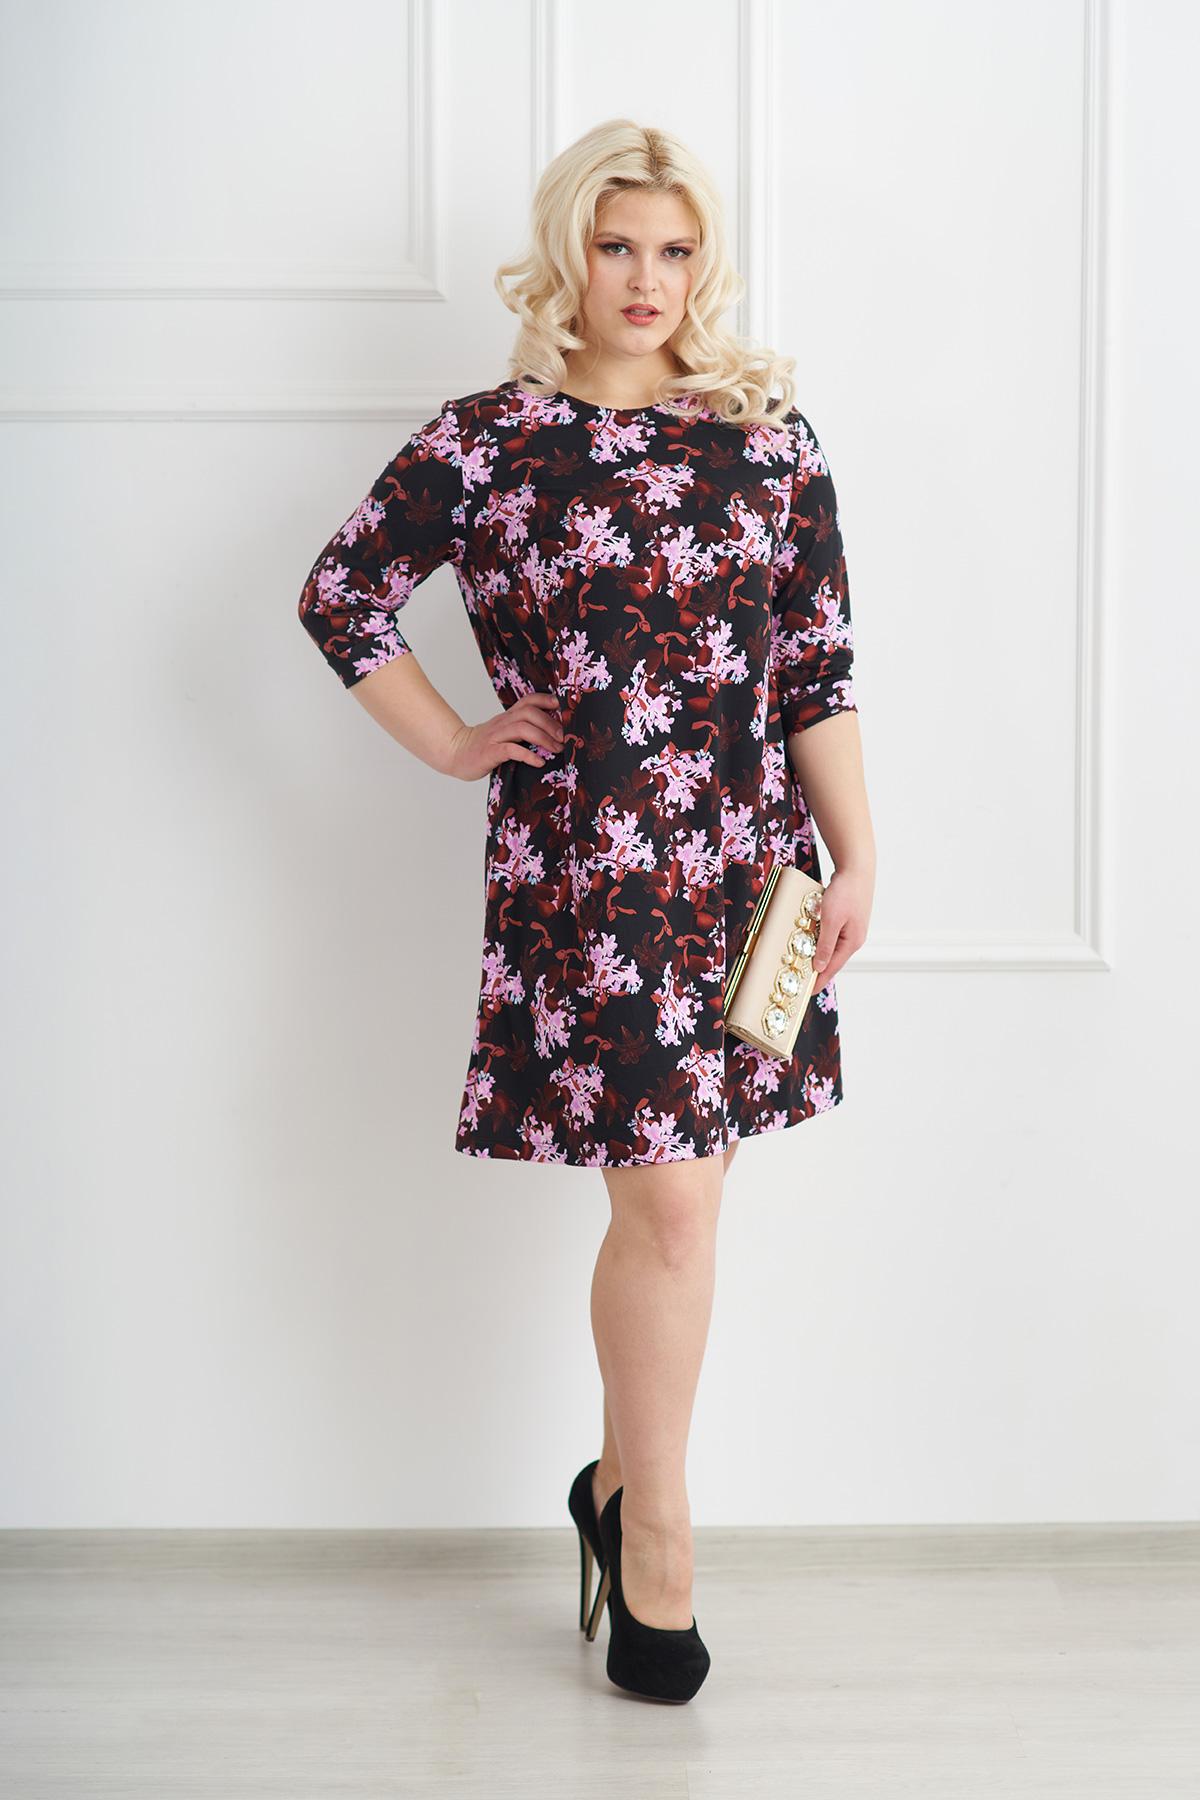 Жен. платье арт. 19-0072 Шоколадный р. 54Платья<br>Факт. ОГ: 114 см <br>Факт. ОТ: 126 см <br>Факт. ОБ: 144 см <br>Длина по спинке: 98 см<br><br>Тип: Жен. платье<br>Размер: 54<br>Материал: Трикотажное полотно